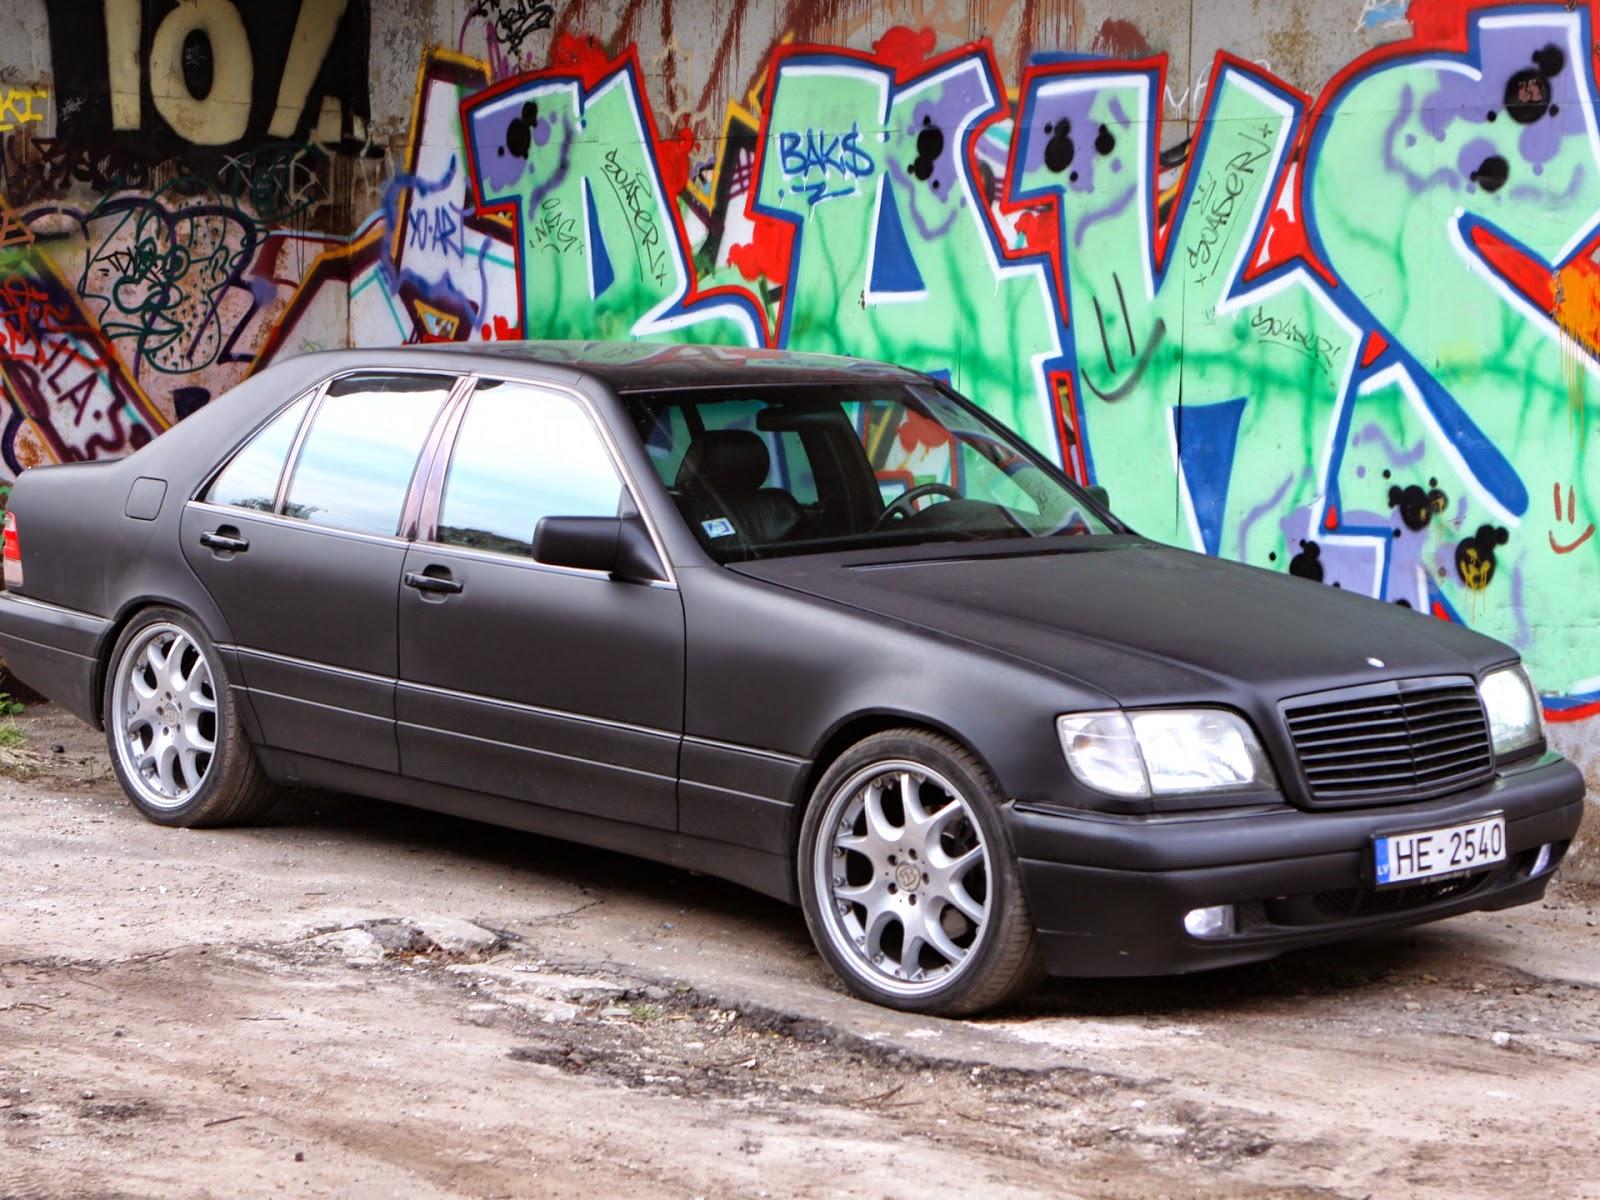 http://2.bp.blogspot.com/-BR3JWKl0zW4/TyRgEjHRumI/AAAAAAAACqM/L9thGl3I_Ds/s1600/Mercedes_s320_black_matte_brabus_rims_1.jpg